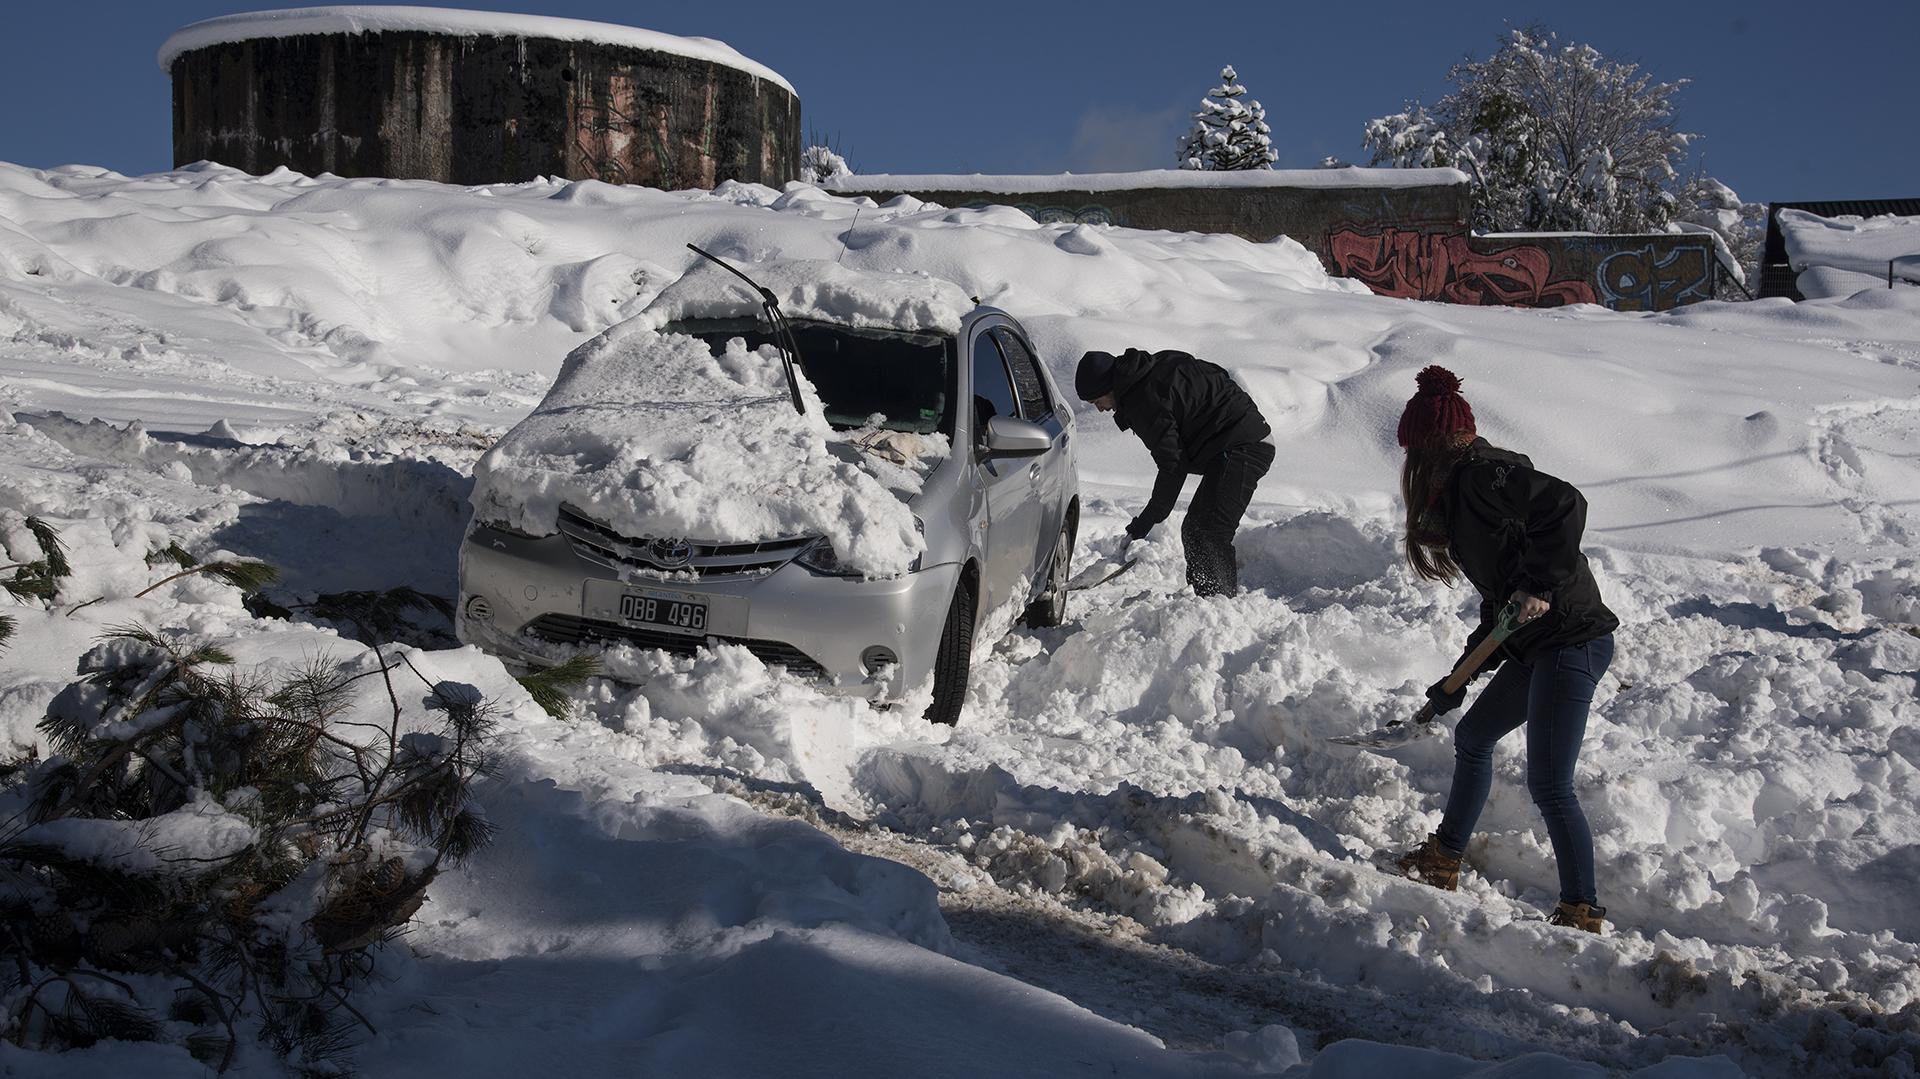 Bariloche 16/07/17 La mayor nevada en los últimos veinte años. Las ciudades cordilleranas siguen afectadas por el intenso temporal que hizo que colapsaran servicios y se cerraran rutas y caminos. La última vez que nevó así fue en 1995. Foto: Marcelo Martinez